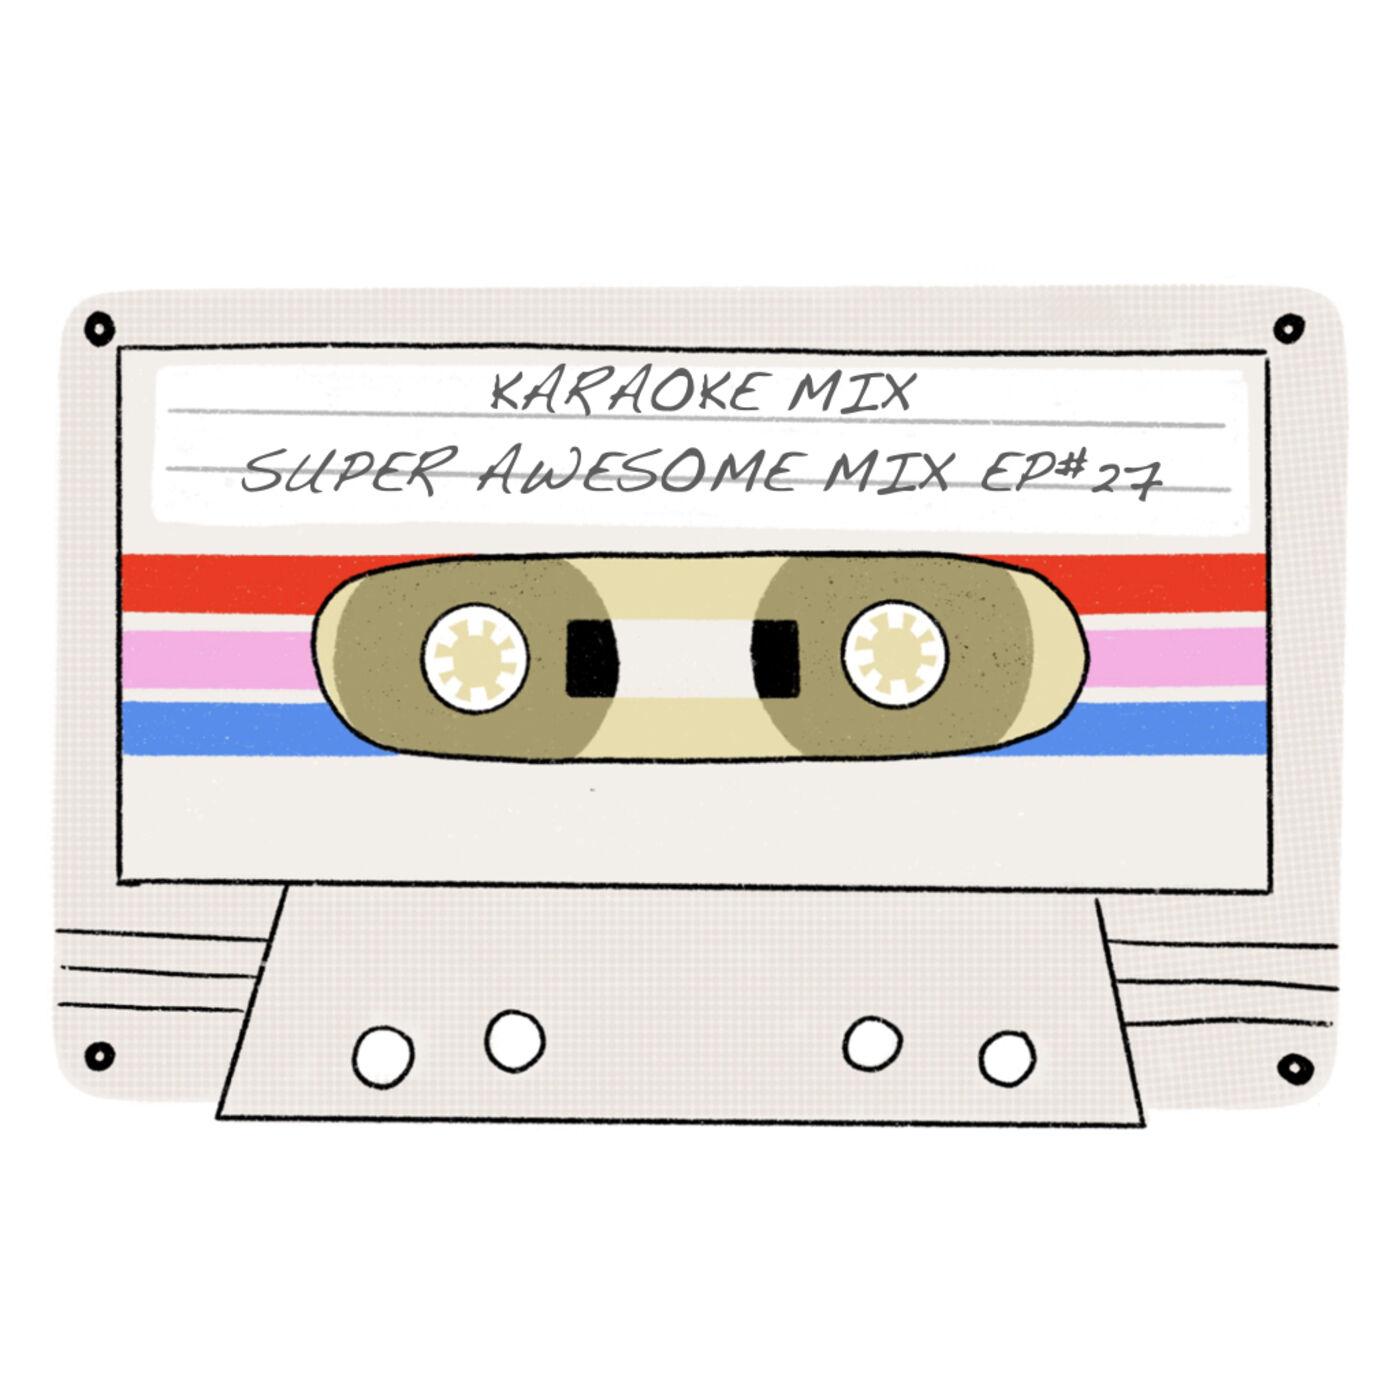 Mix Tape #27 - Super Awesome Karaoke Mix - Fav songs to sing Karaoke to!